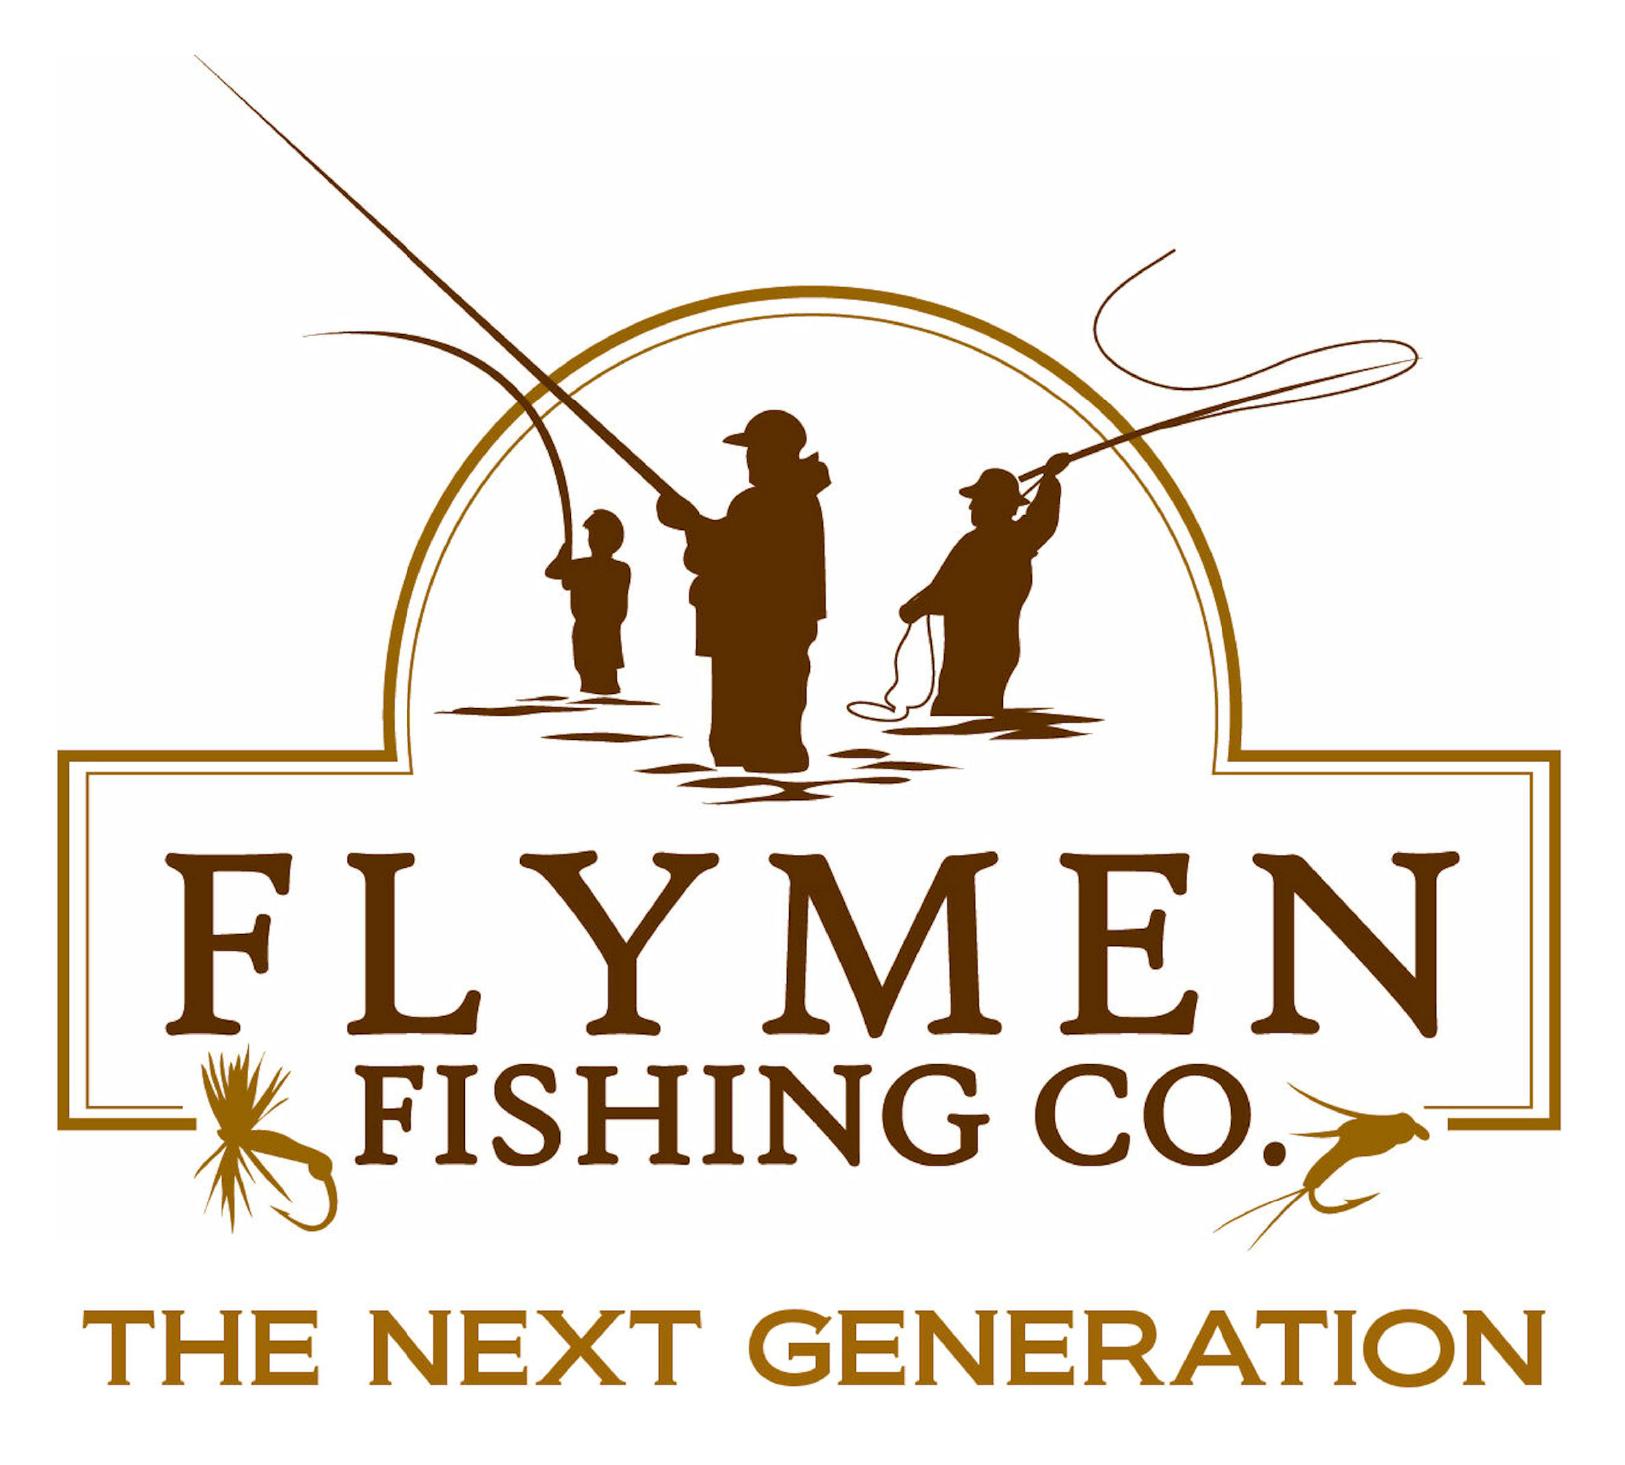 flymen_logo.png